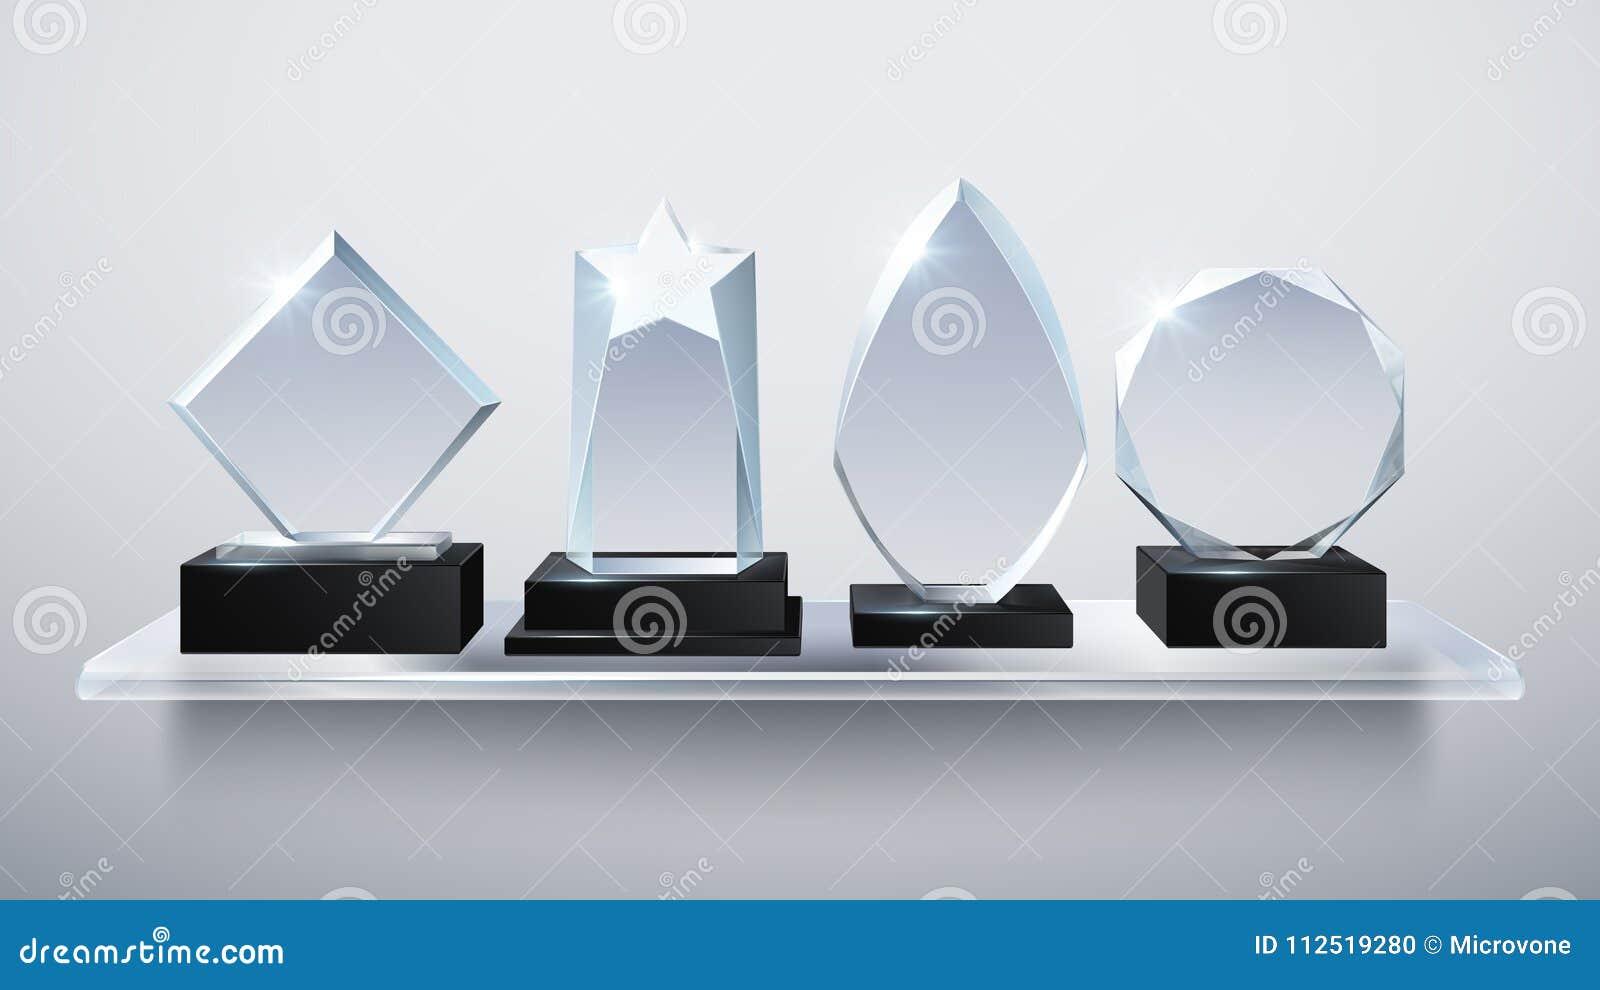 De realistische toekenning van de glastrofee, de transparante prijzen van de diamantwinnaar op planken vectorillustratie